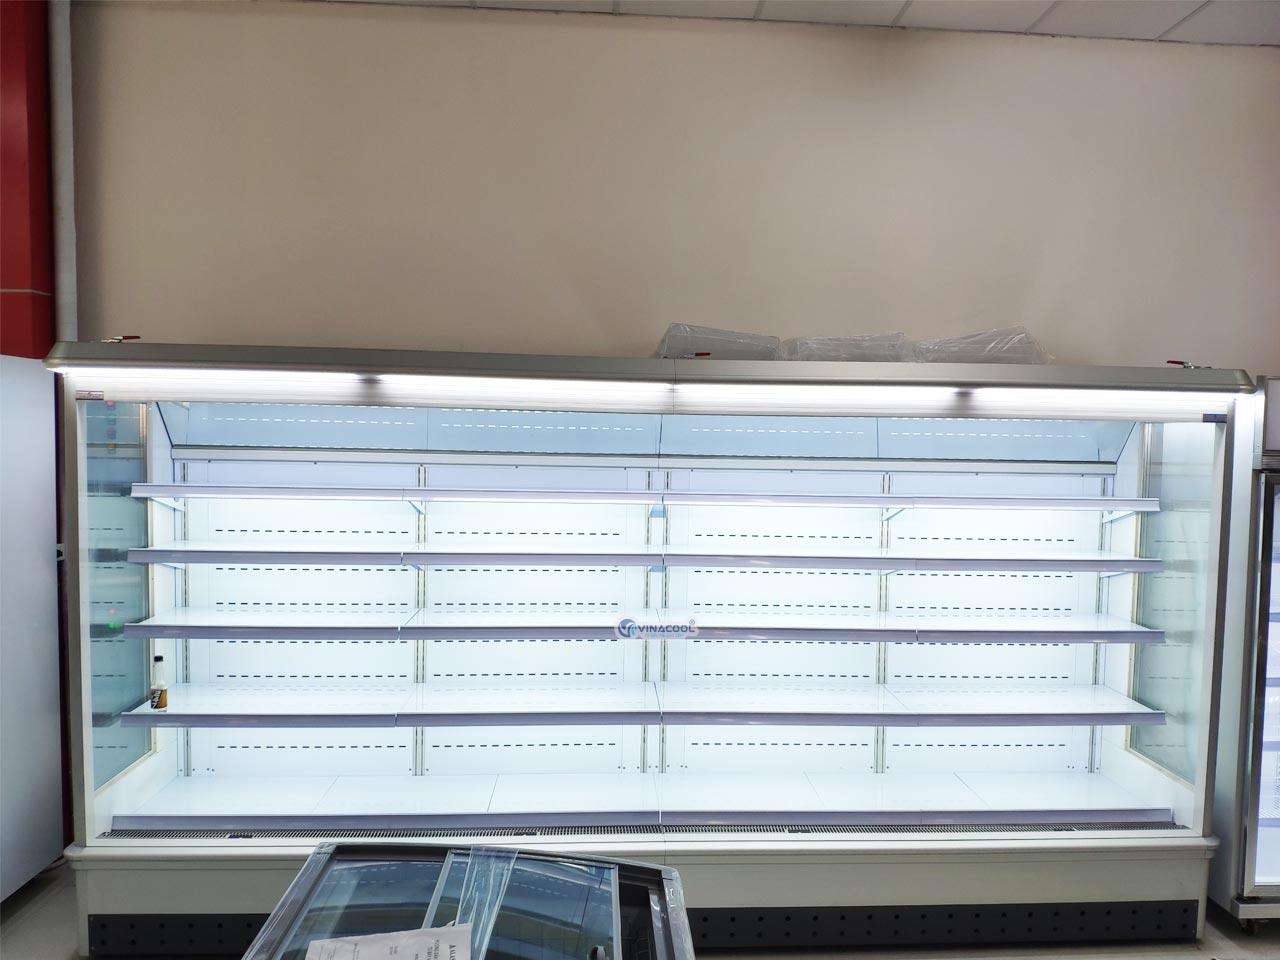 tủ mát siêu thị không cửa cao cấp